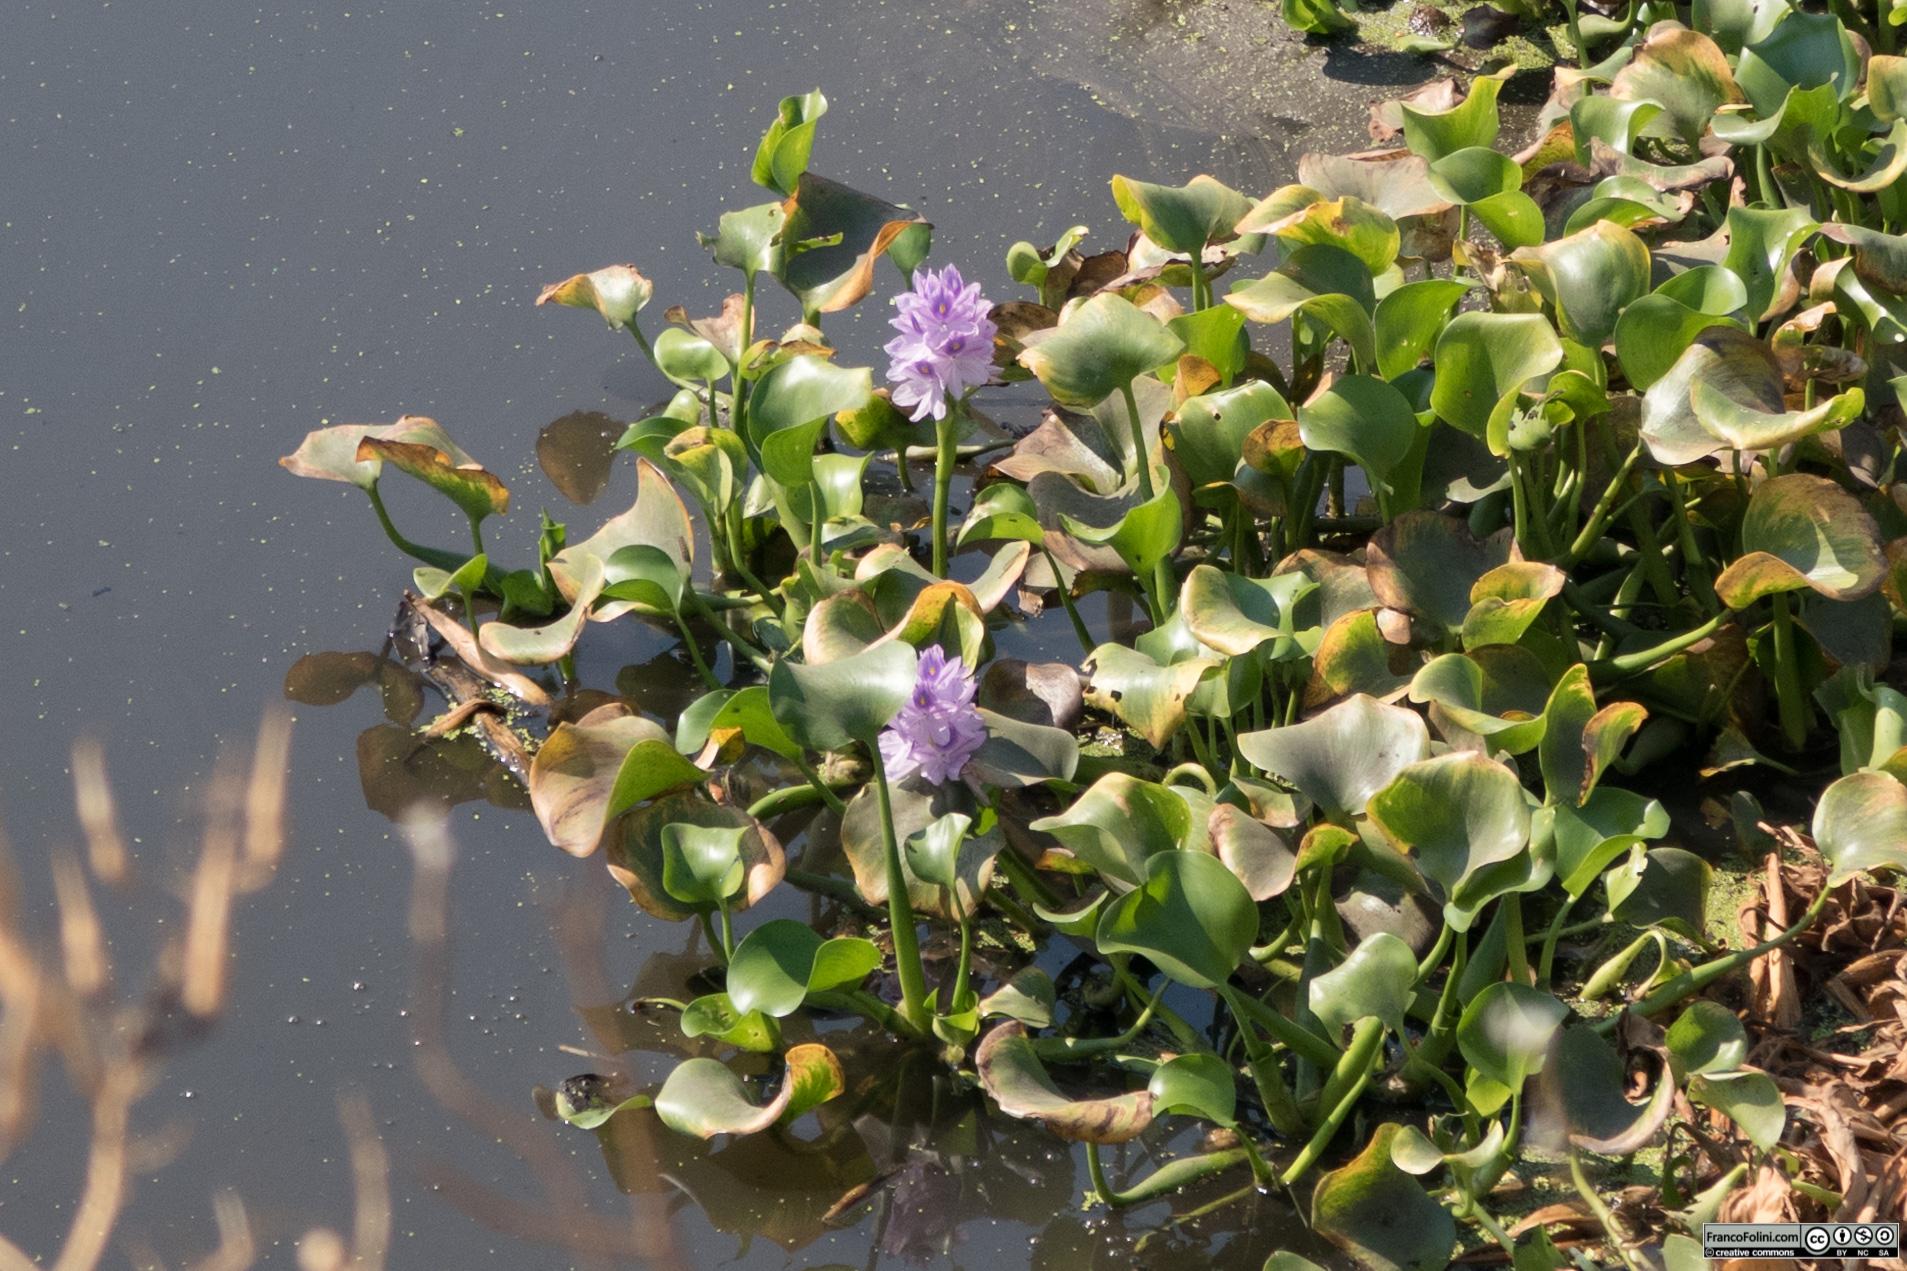 Il giacinto d'acqua (Eichhornia crassipes) è una presenza frequente nei canali dell'area di Stockton